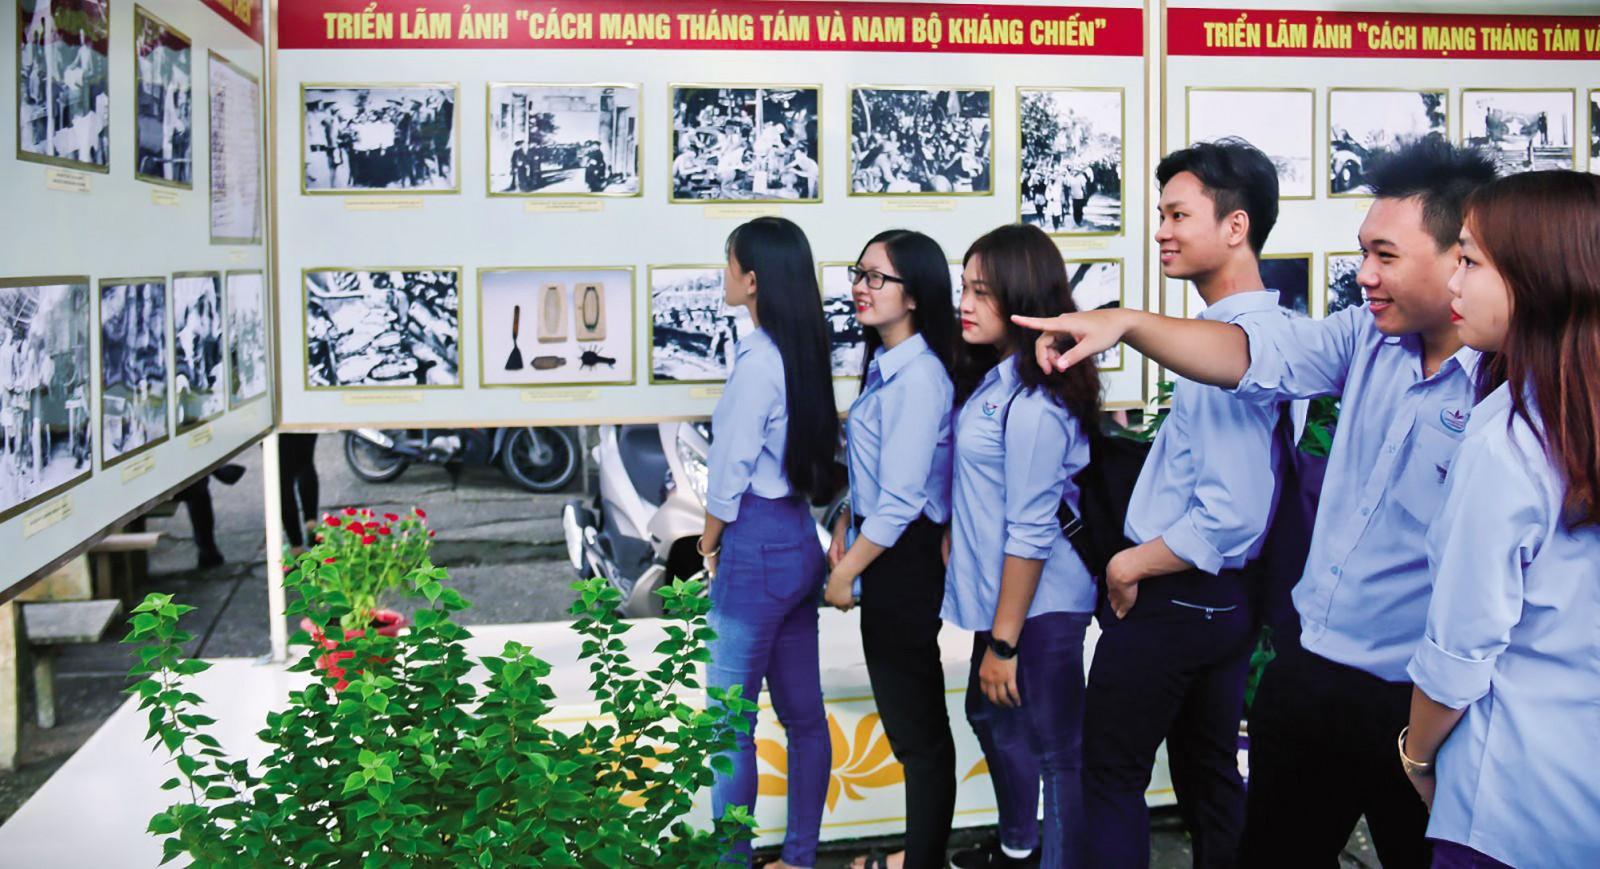 Tuổi trẻ tham quan một buổi triển lãm về Cách mạng Tháng Tám và sự kiện Nam bộ kháng chiến tại Cần Thơ.